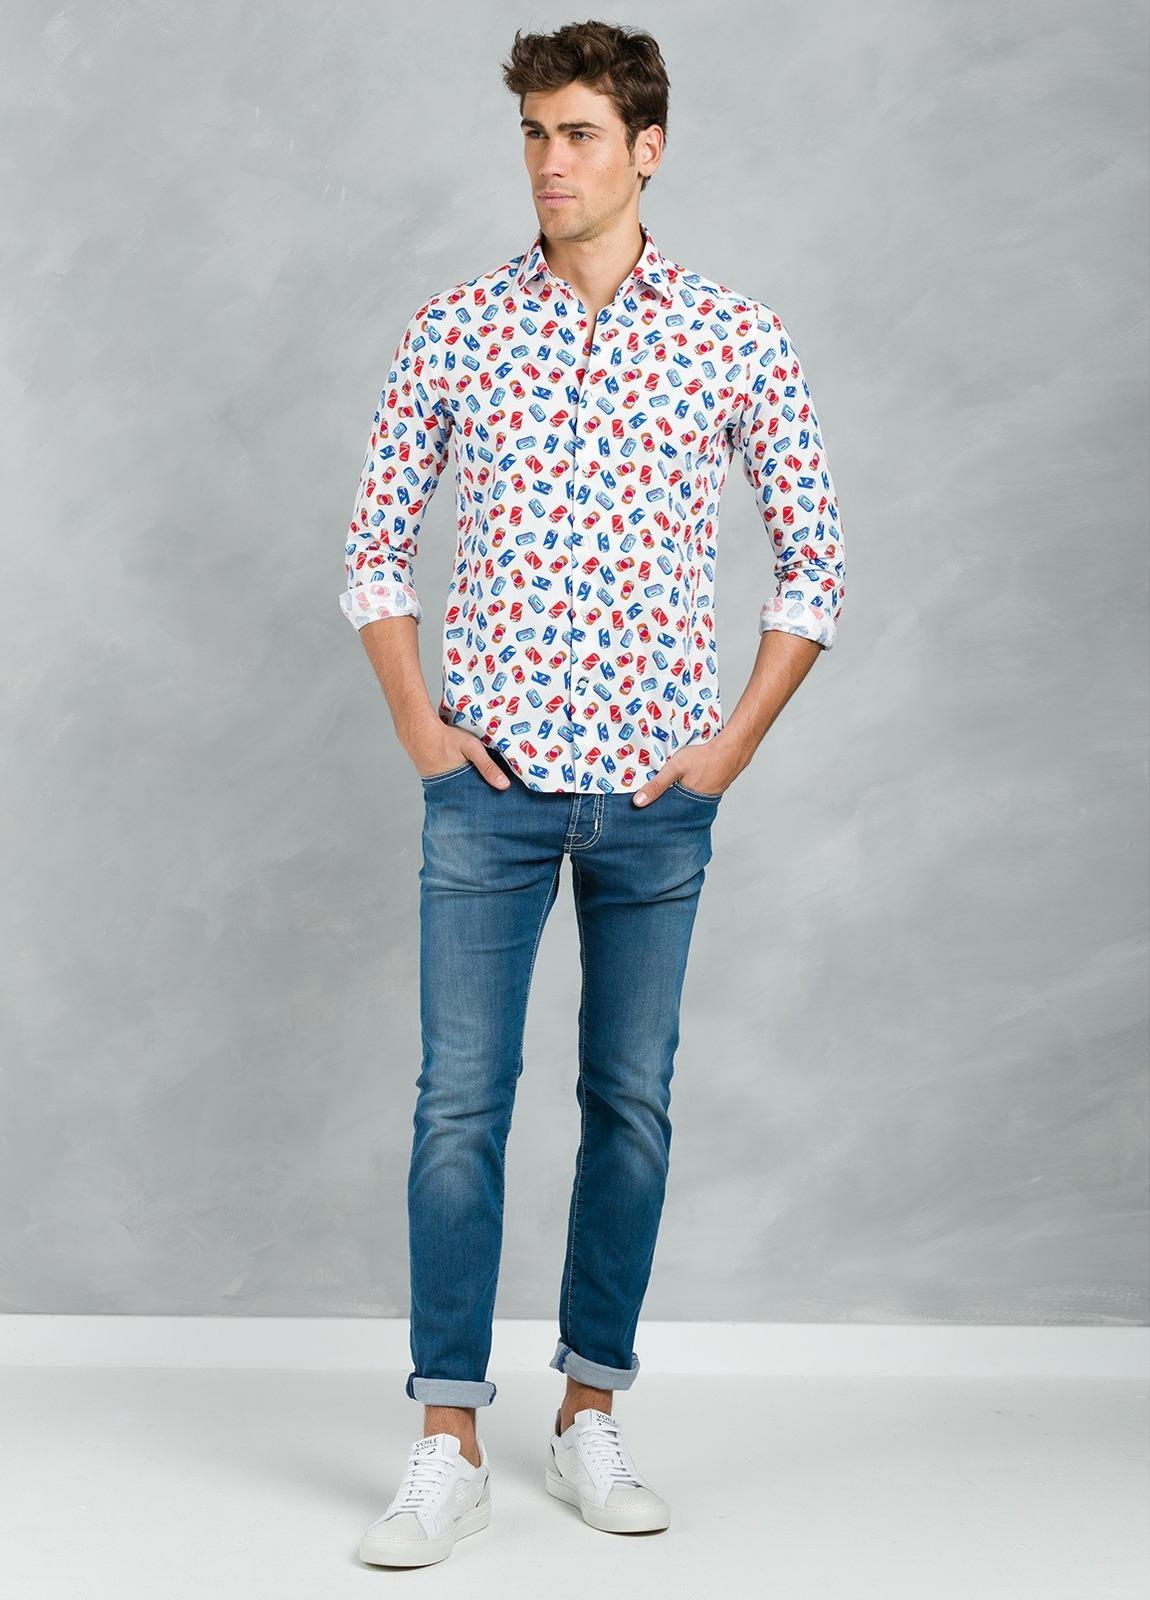 Camisa Leisure Wear SLIM FIT Modelo PORTO estampado fantasía,100% Algodón.